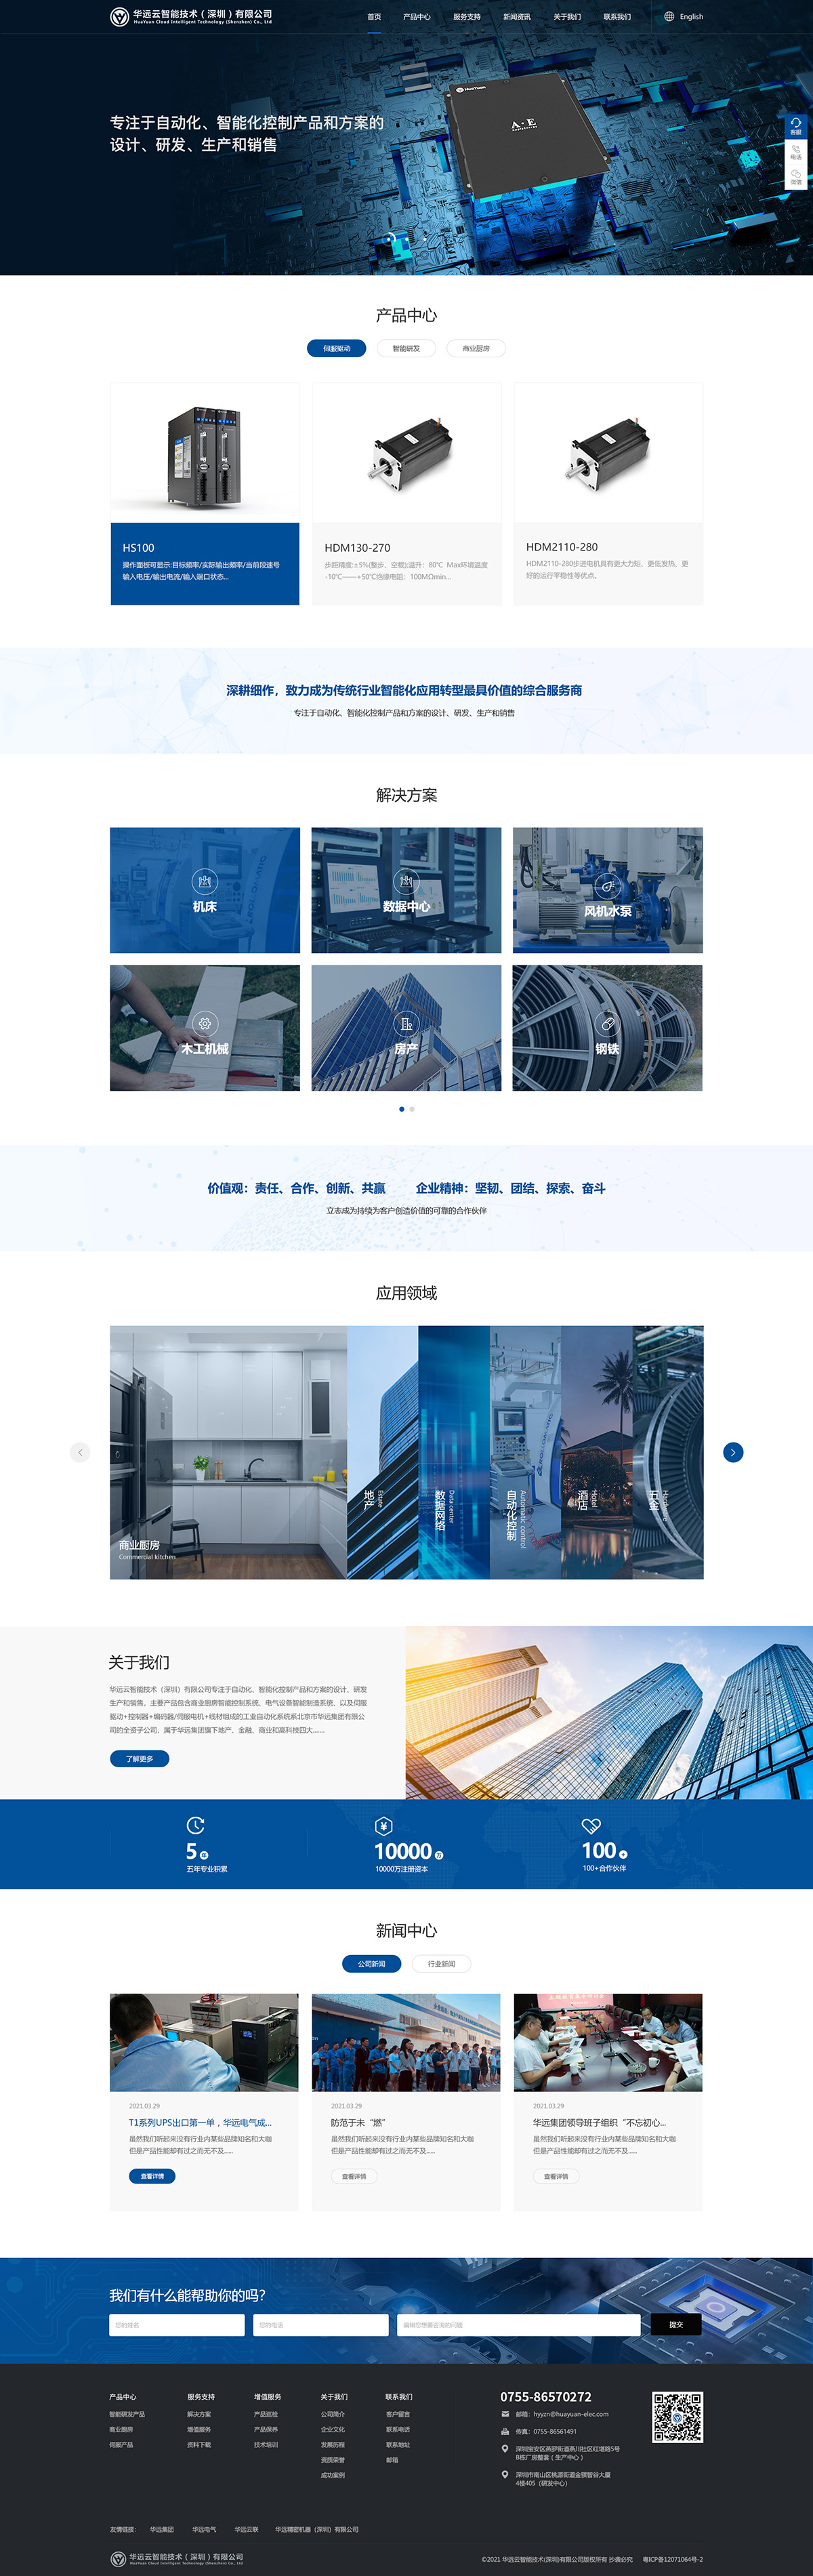 华远云智能技术网站案例